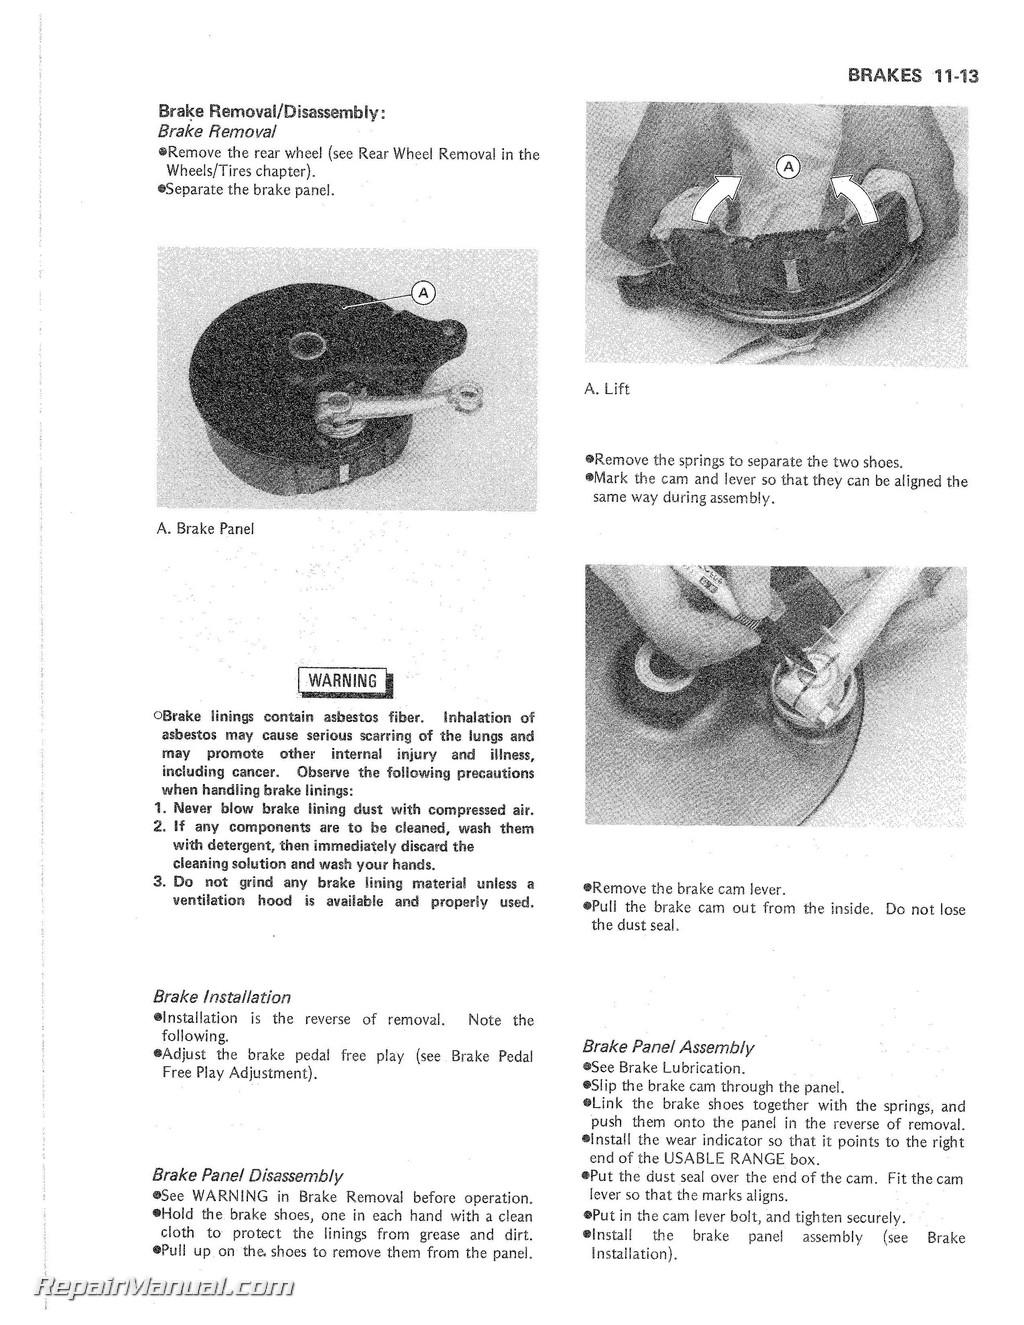 Kawasaki en 450 500 ltd vulcan 1985-2004 service manual download.